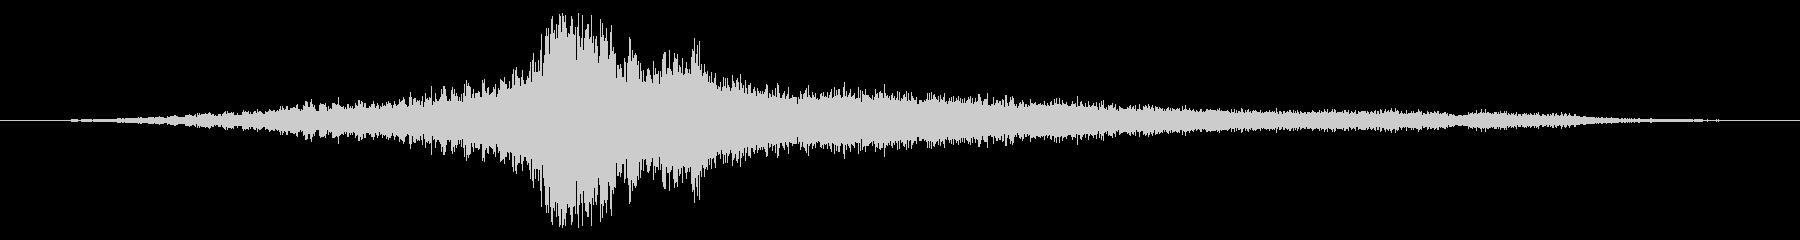 ピックアップトラック:Ext:中速...の未再生の波形